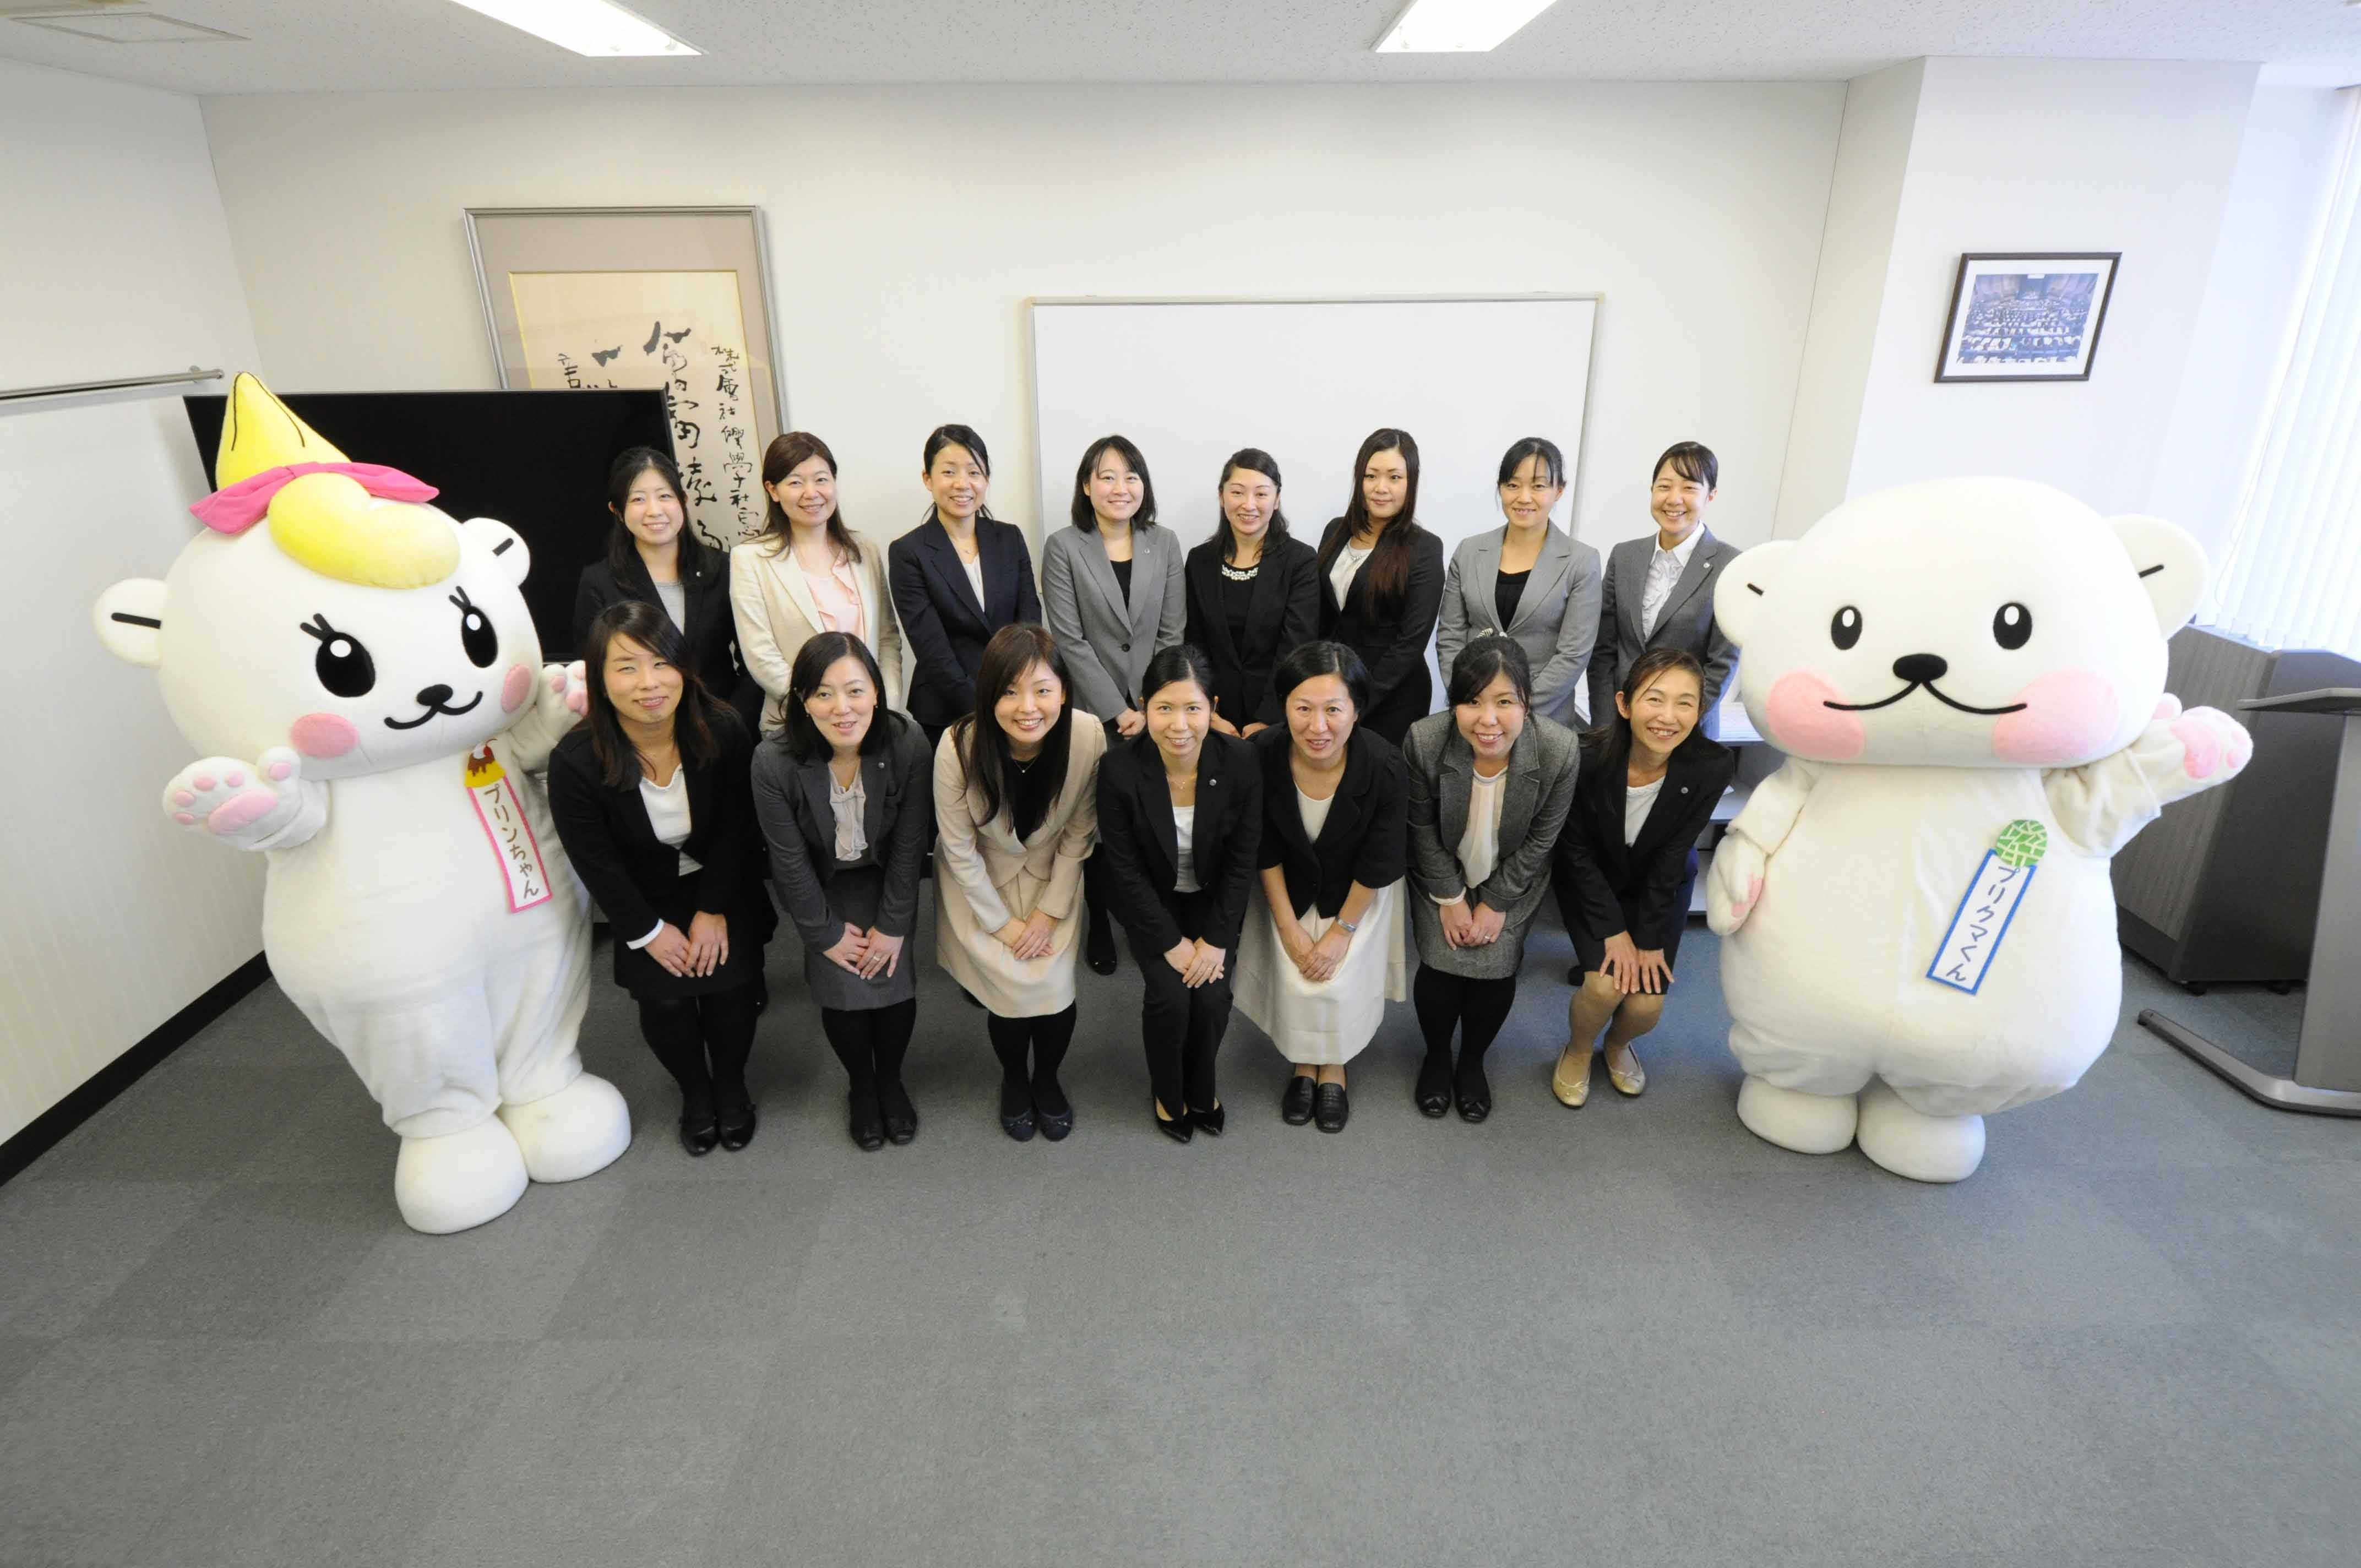 東京パソコンアカデミー 古淵校 のアルバイト情報